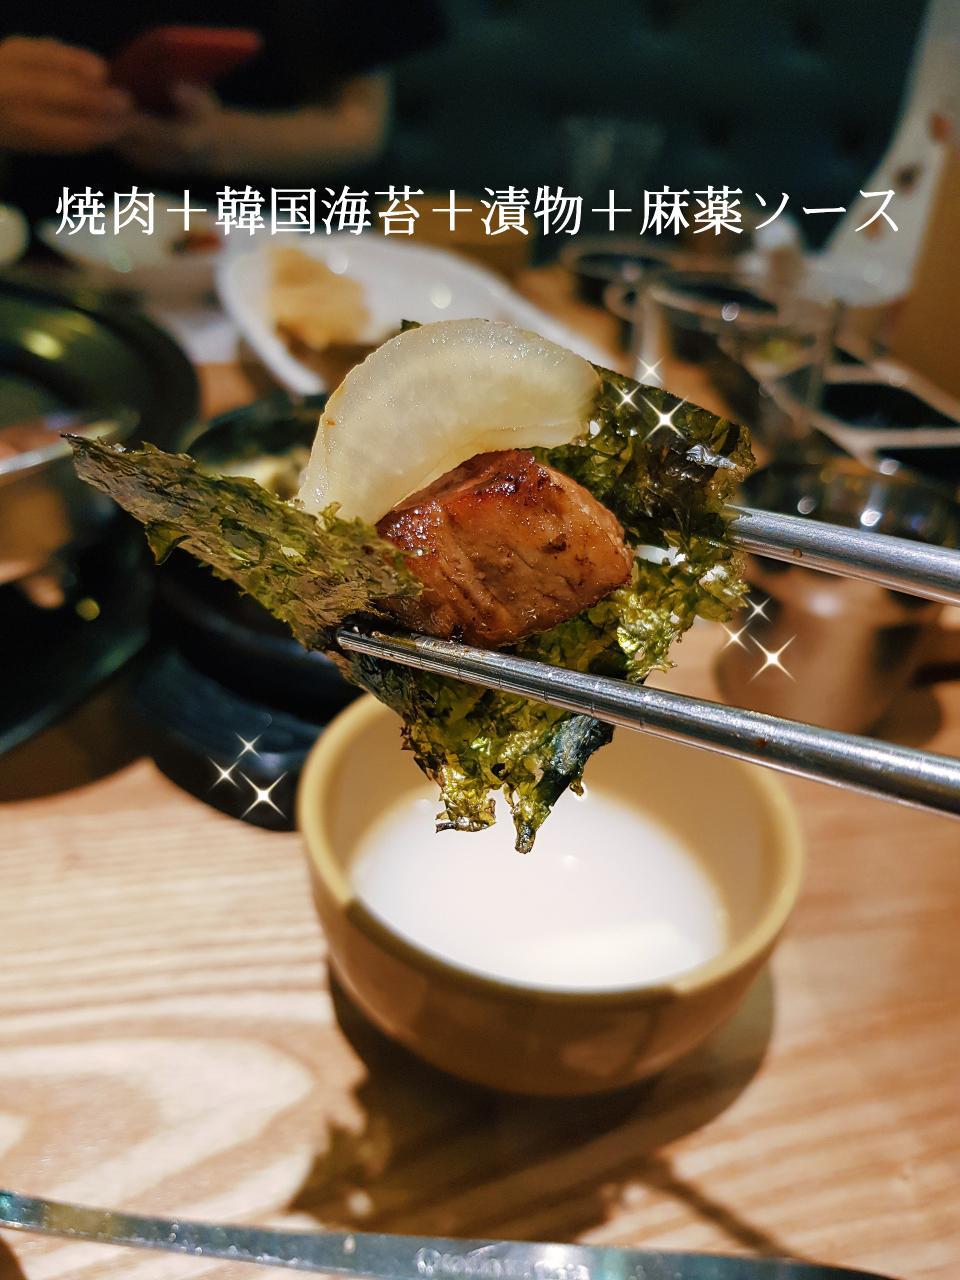 シンガポール韓国BBQ 麻薬ソース ハローアジア